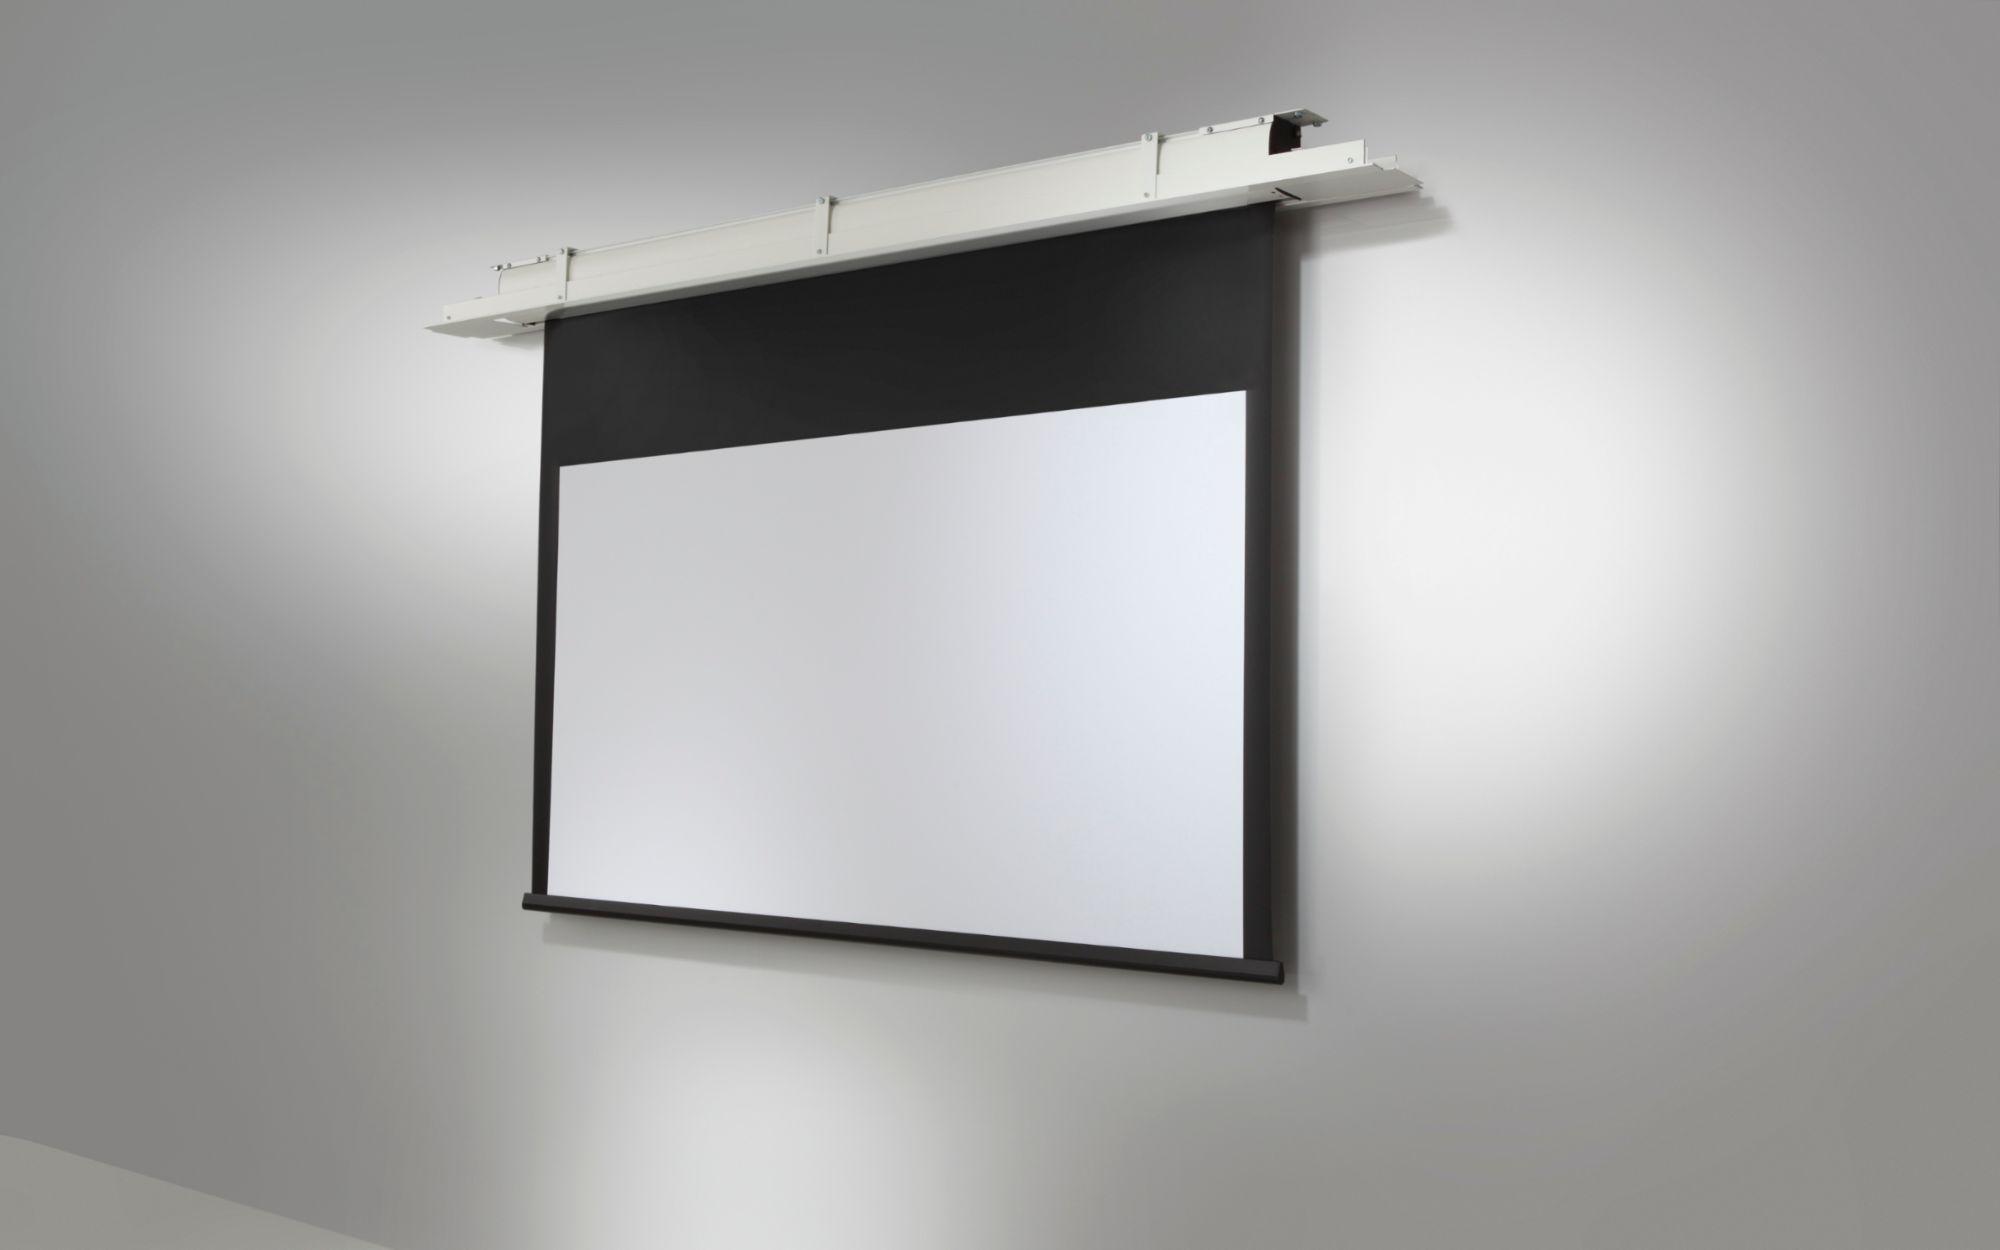 celexon ecran de projection economy motoris 220 x 165 cm